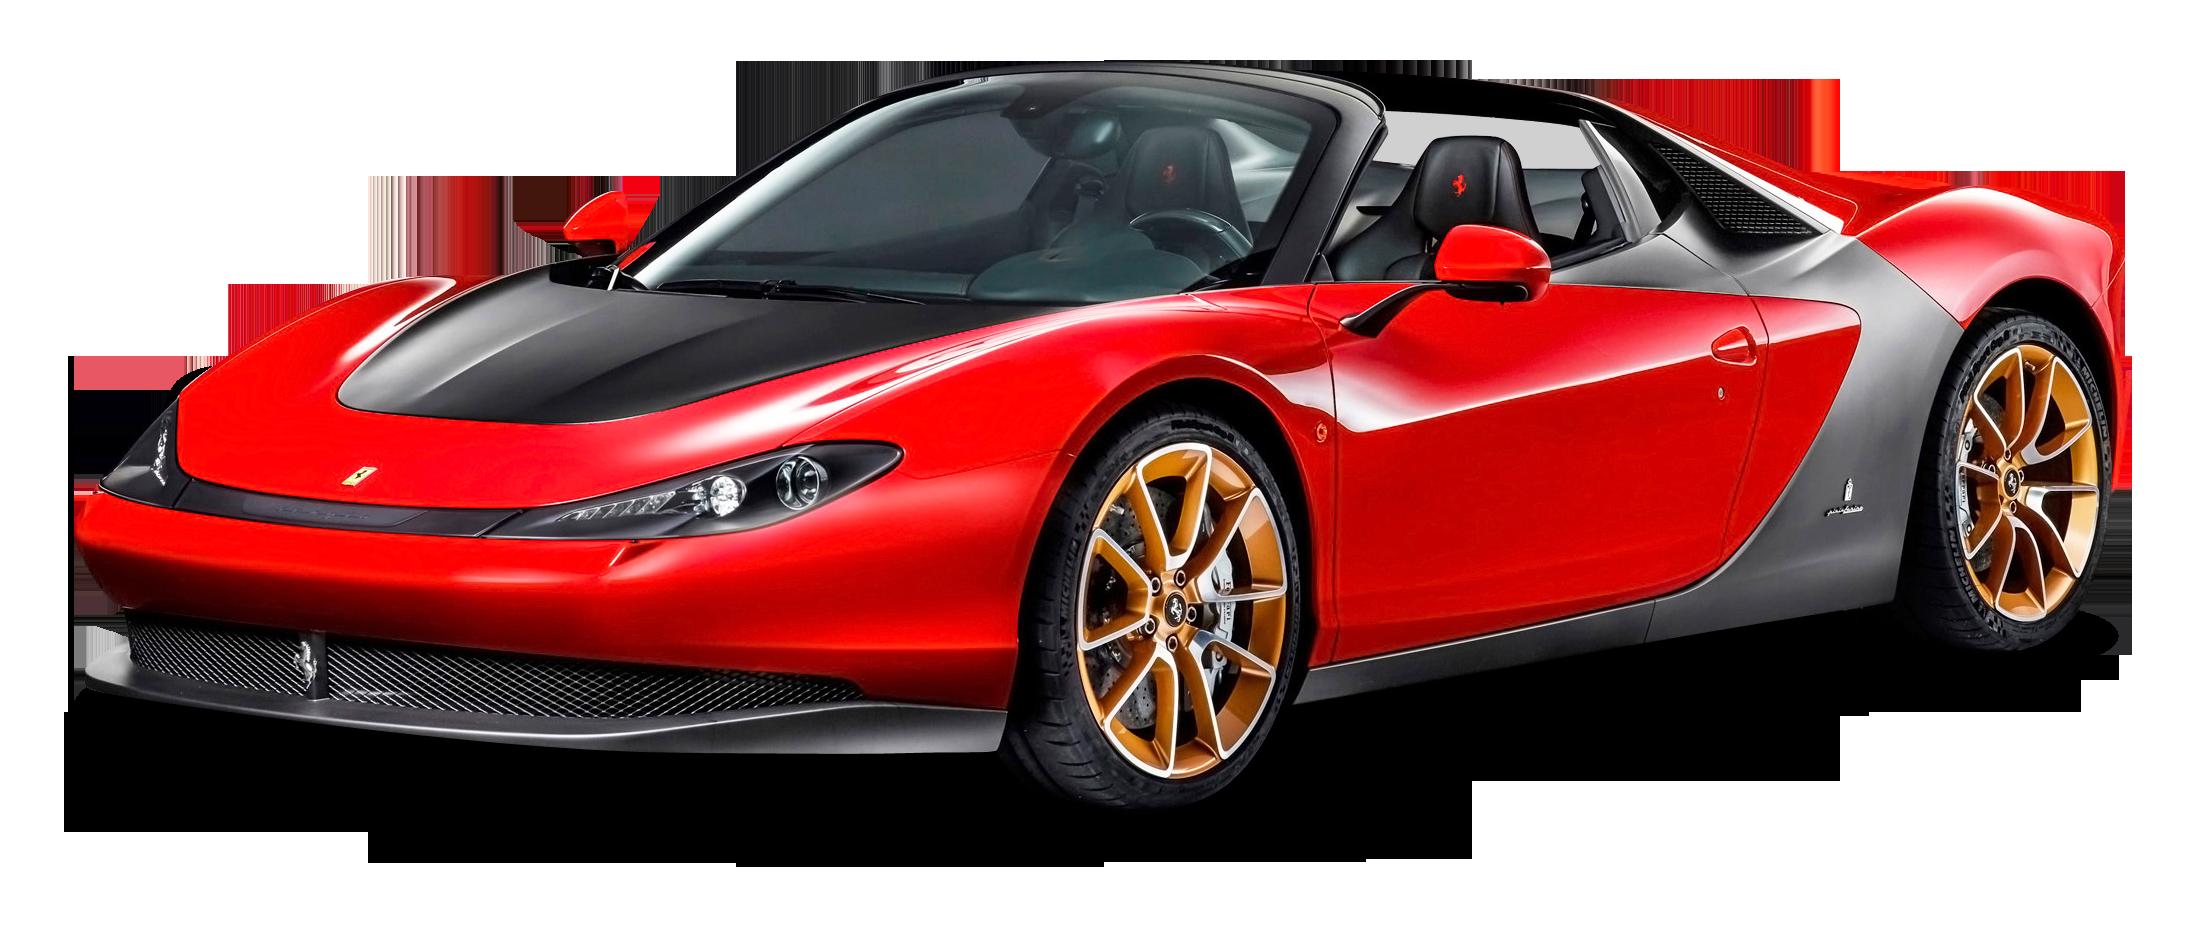 Ferrari Sergio Luxray Car